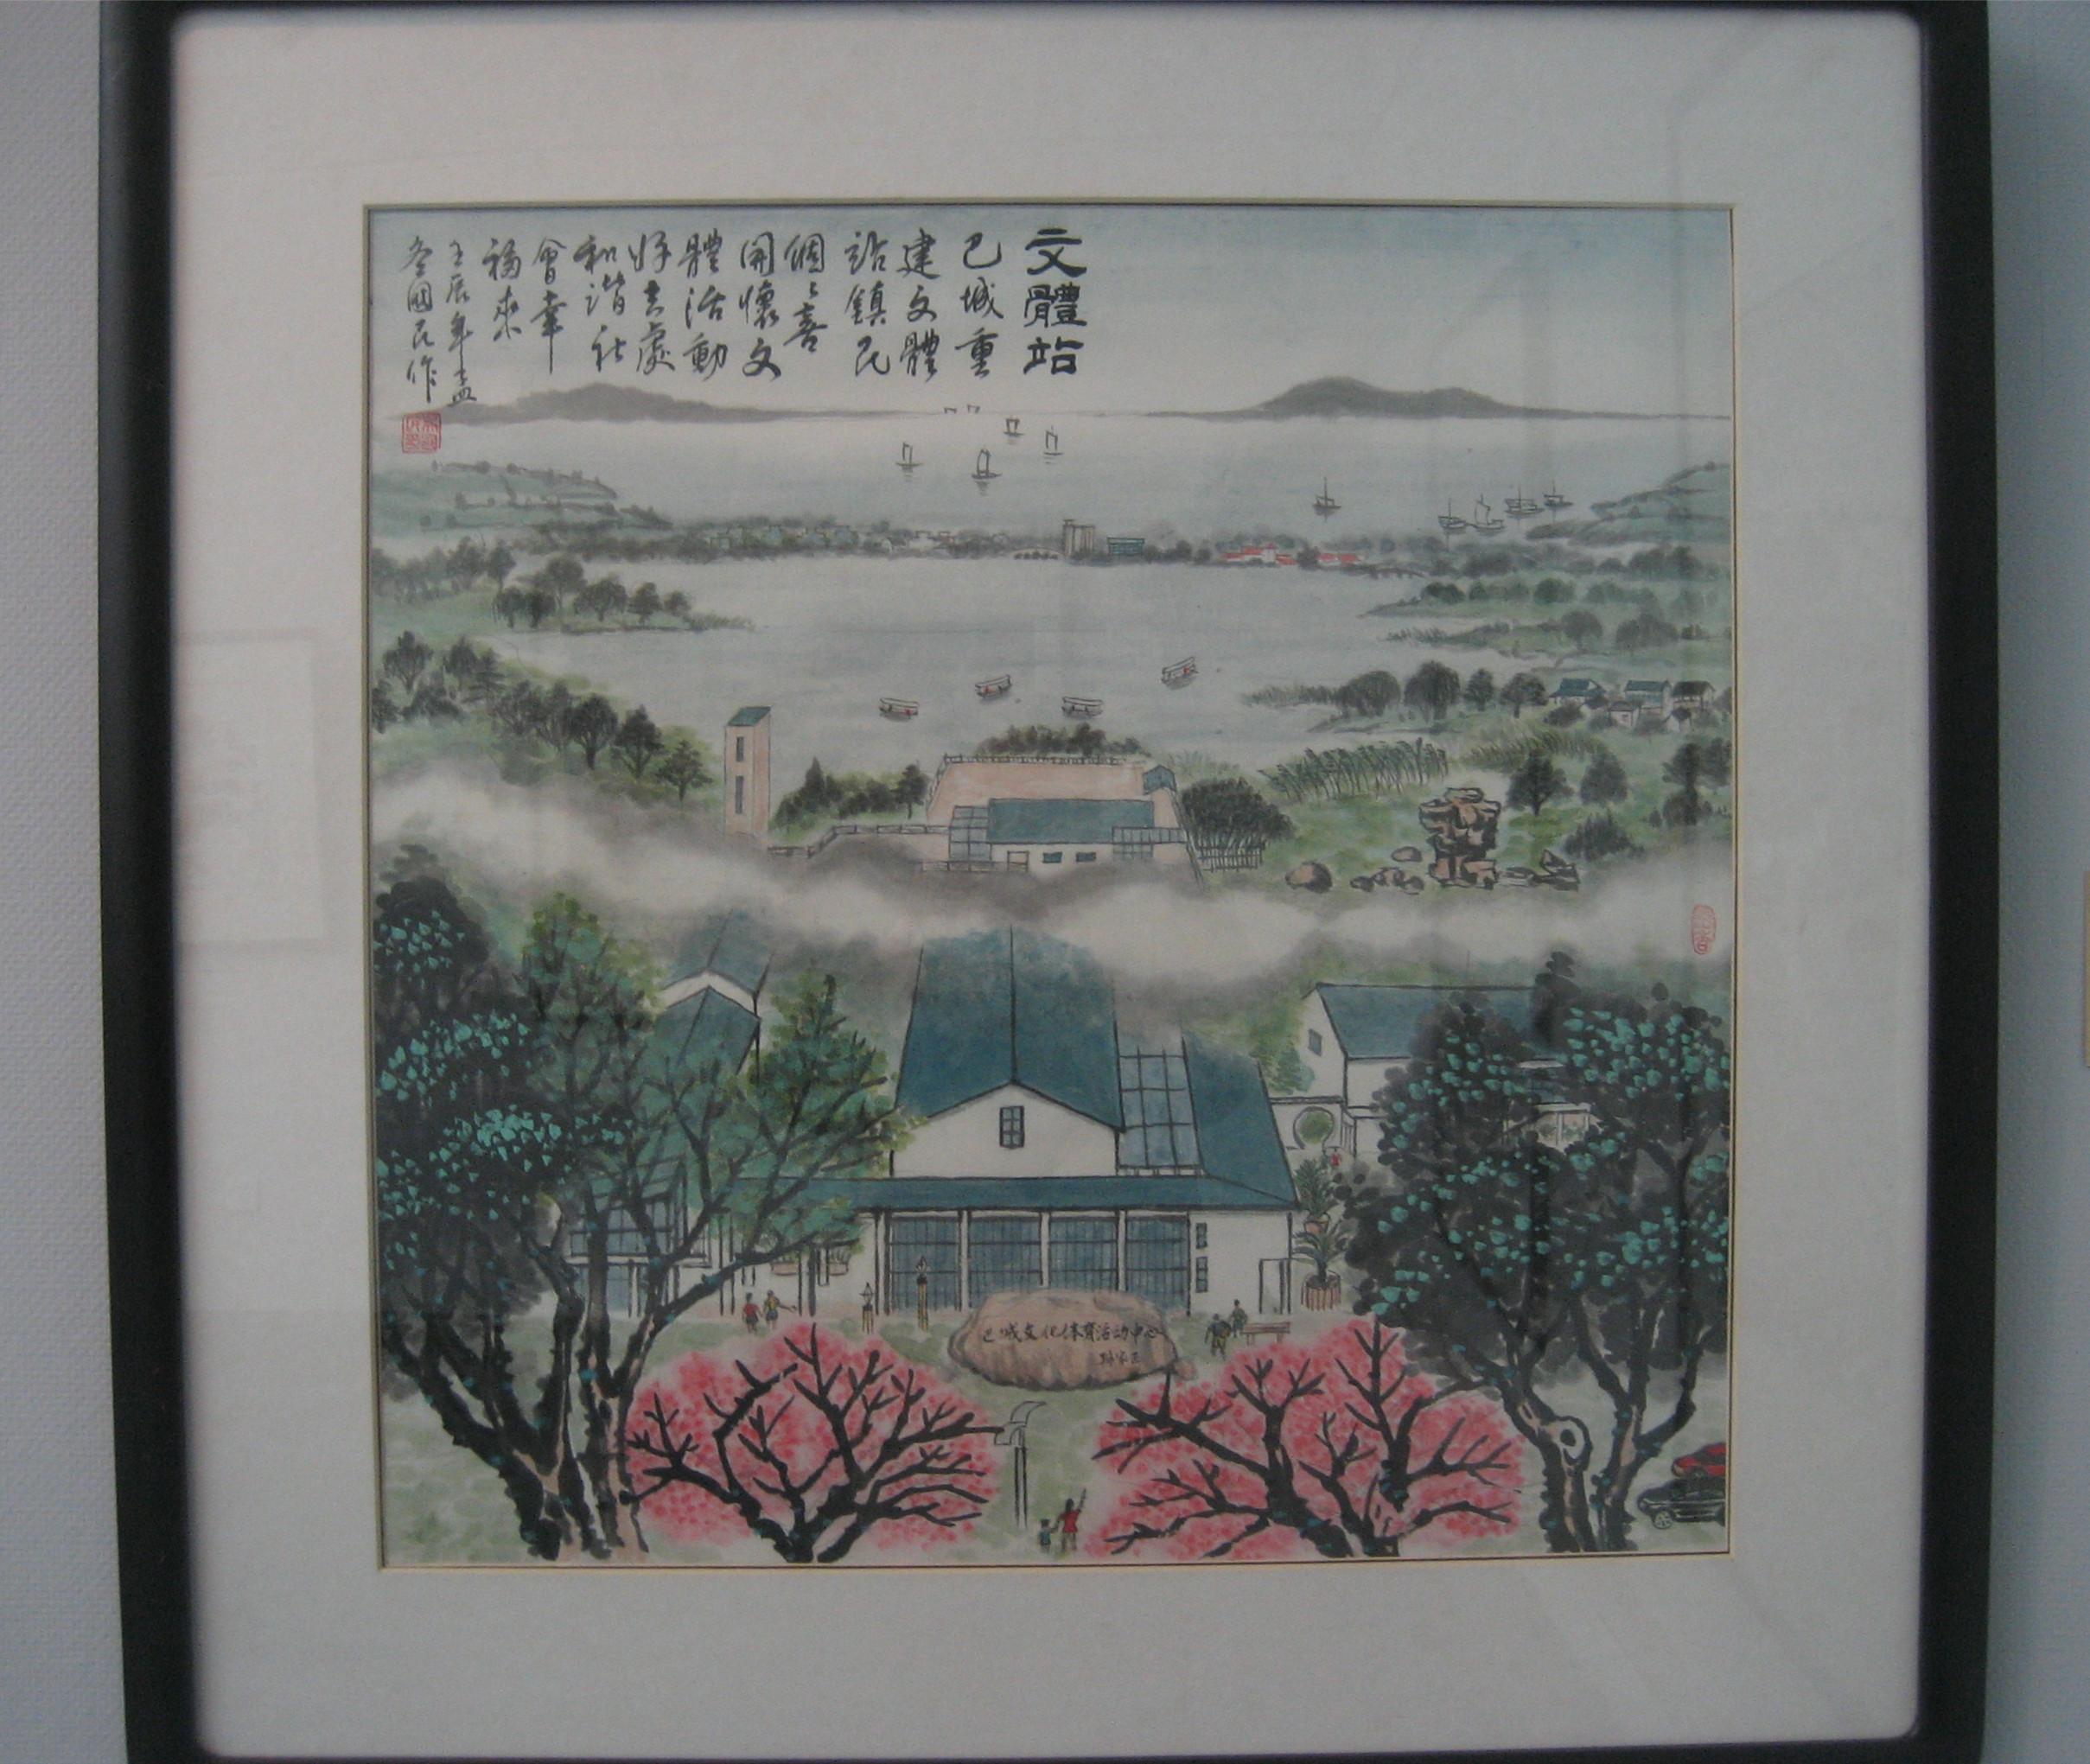 巴城吴国民三联画之一——文体站.jpg